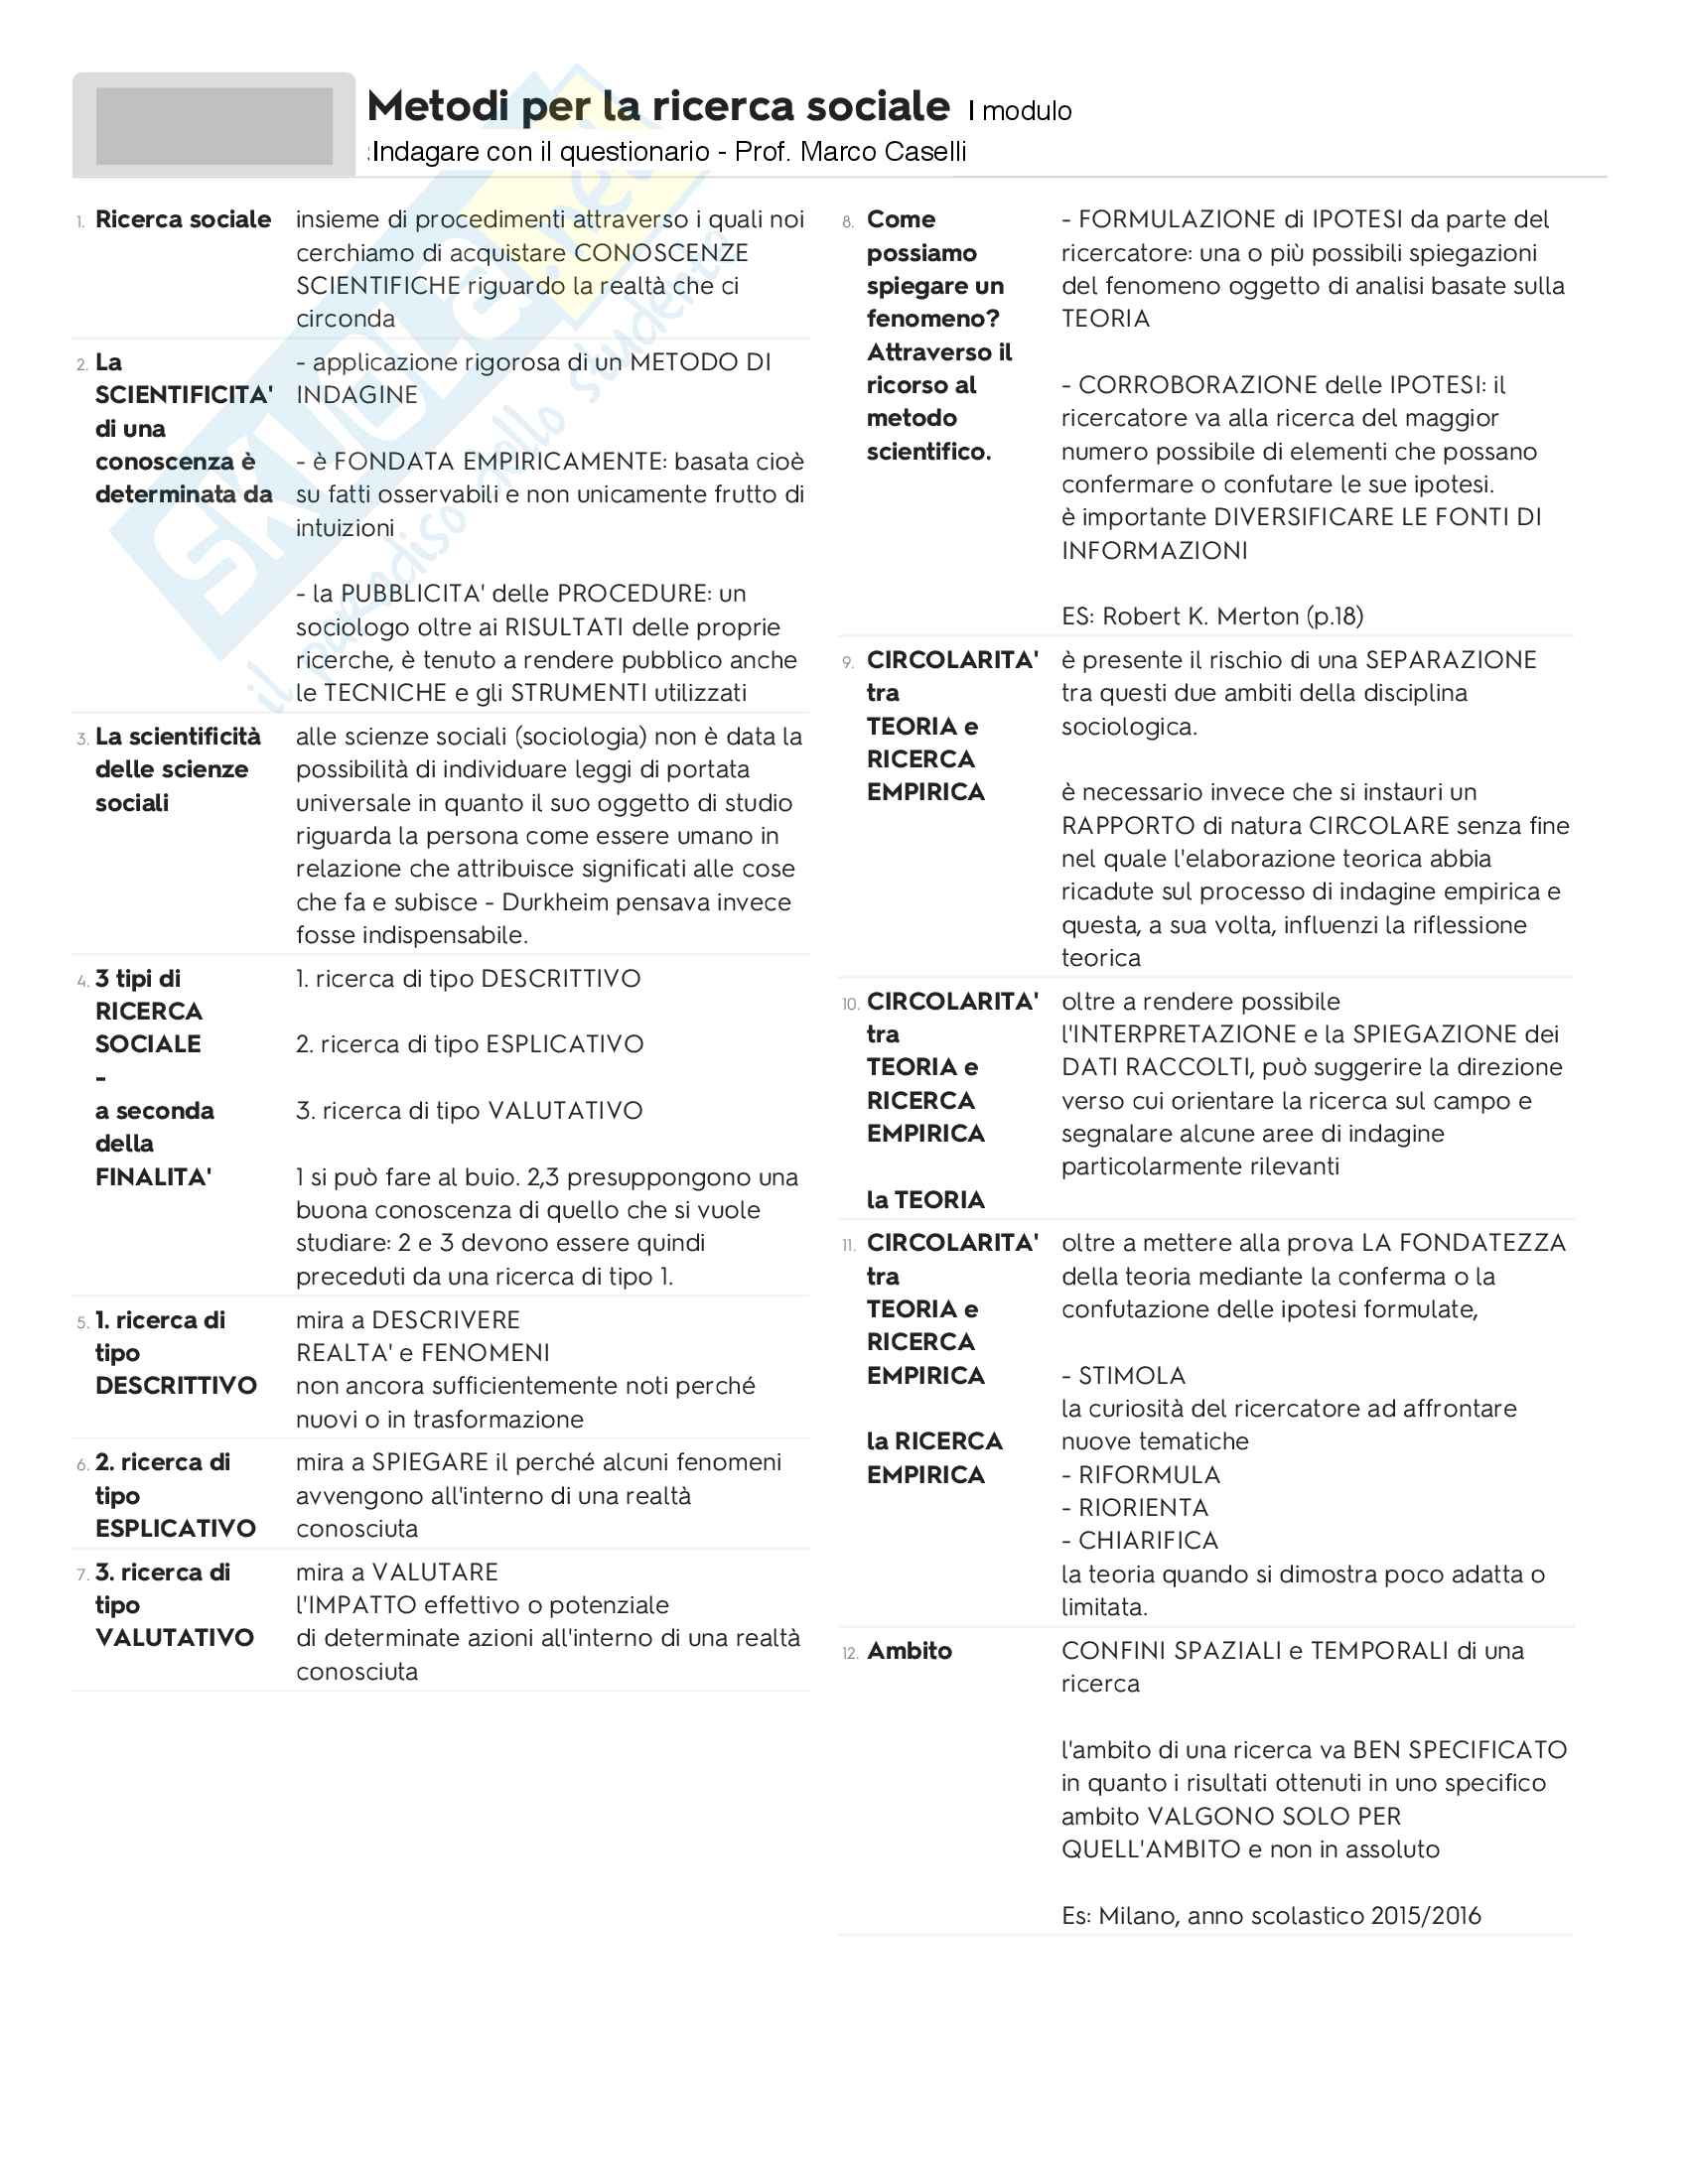 Riassunto esame Metodi per la ricerca sociale - I modulo, docente M. Caselli, libro consigliato Indagare Con il Questionario, Caselli